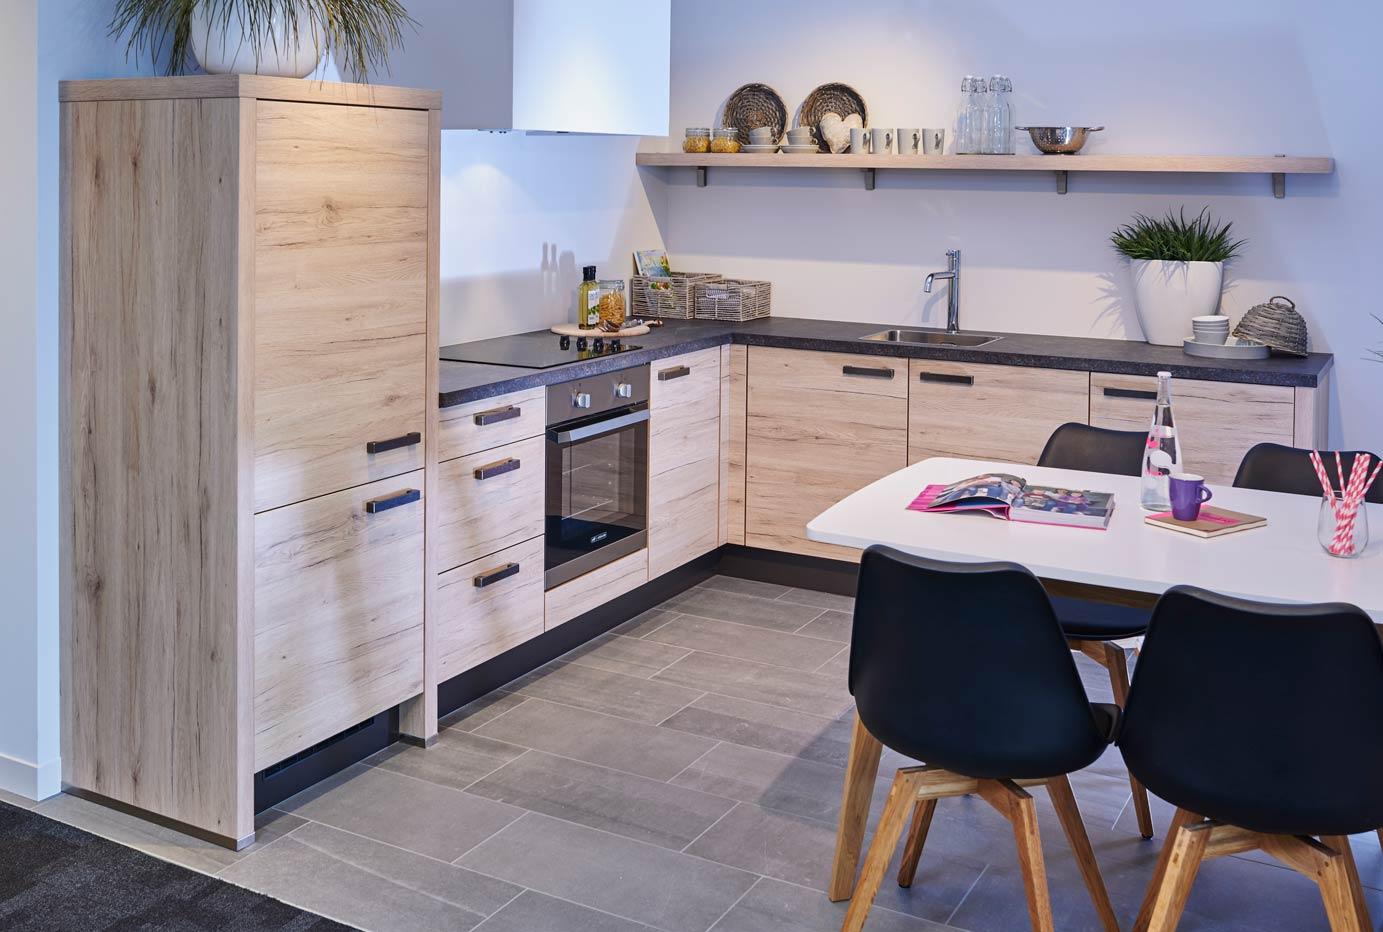 Kleine Keuken Kopen : Kleine keuken laat je inspireren door voorbeelden db keukens